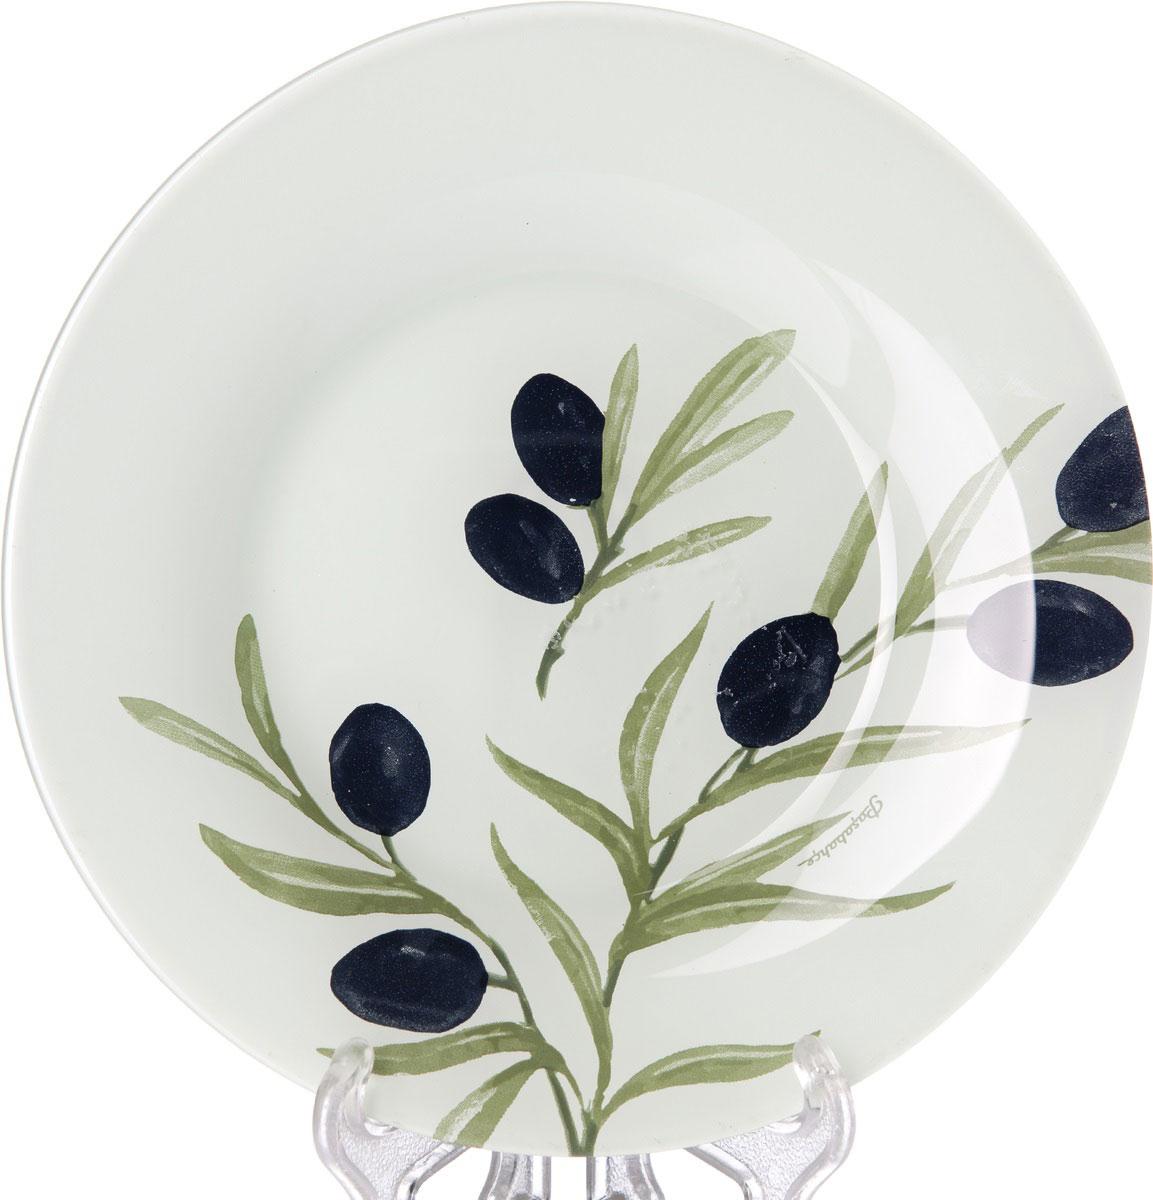 Тарелка Pasabahce Олива, диаметр 19,5 см10327SLBD35Тарелка Pasabahce Олива выполнена из качественного стекла и украшена рисунком. Тарелка прекрасно подойдет в качестве сервировочного блюда для фруктов, десертов, закусок, торта и другого. Изящная тарелка прекрасно оформит праздничный стол и порадует вас и ваших гостей изысканным дизайном и формой.Диаметр тарелки: 19,5 см.